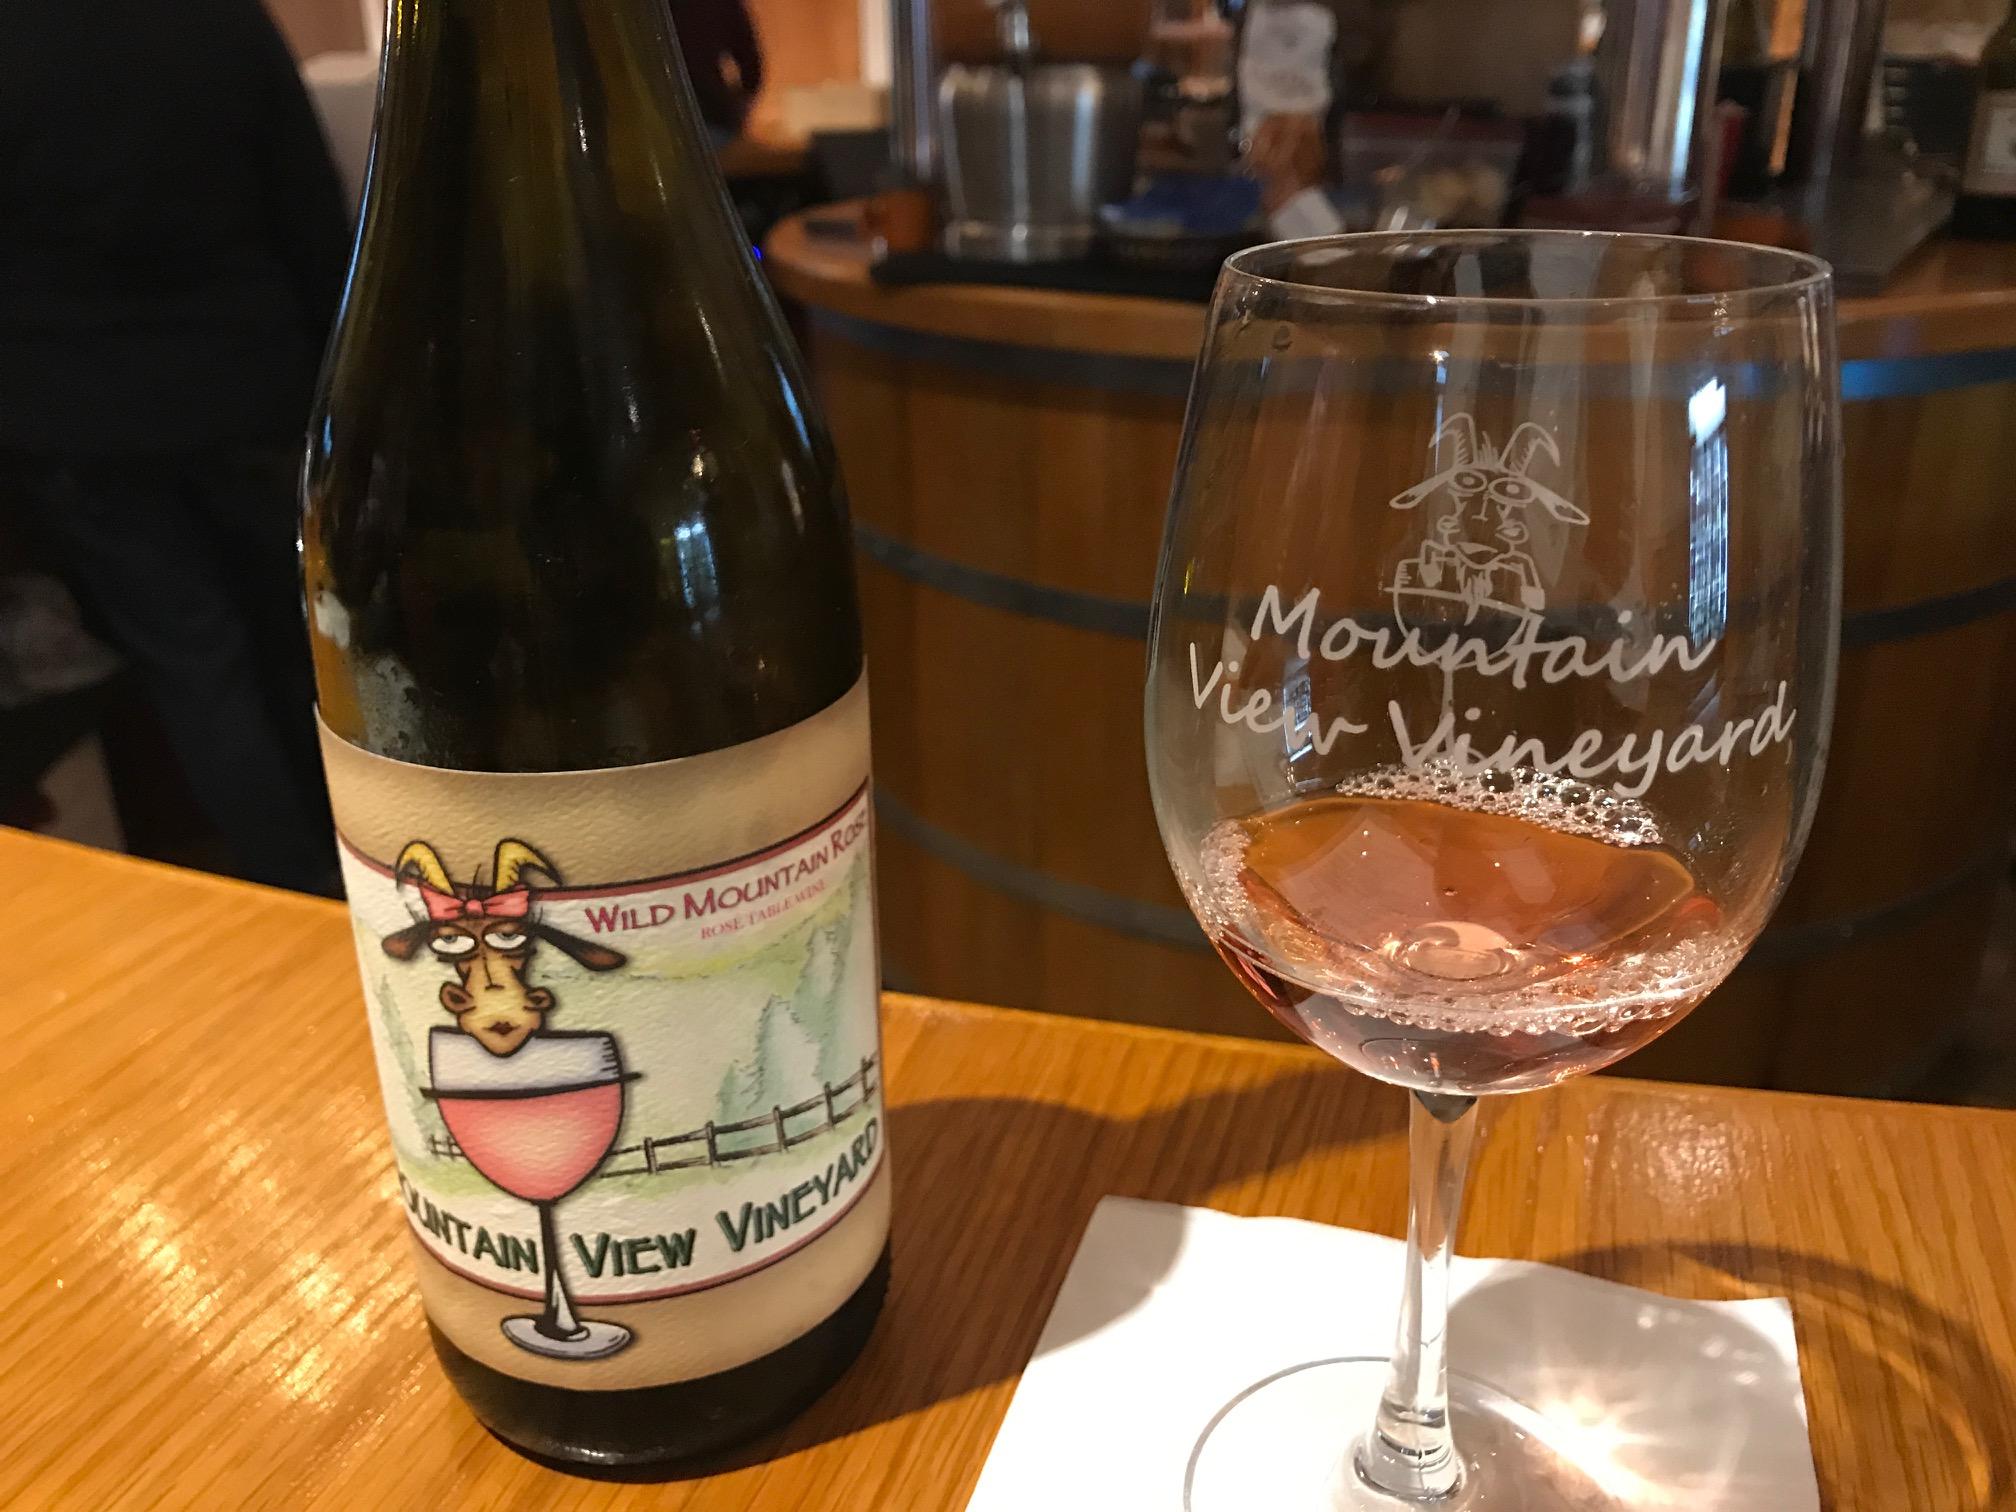 Mountain View Vineyard the Poconos